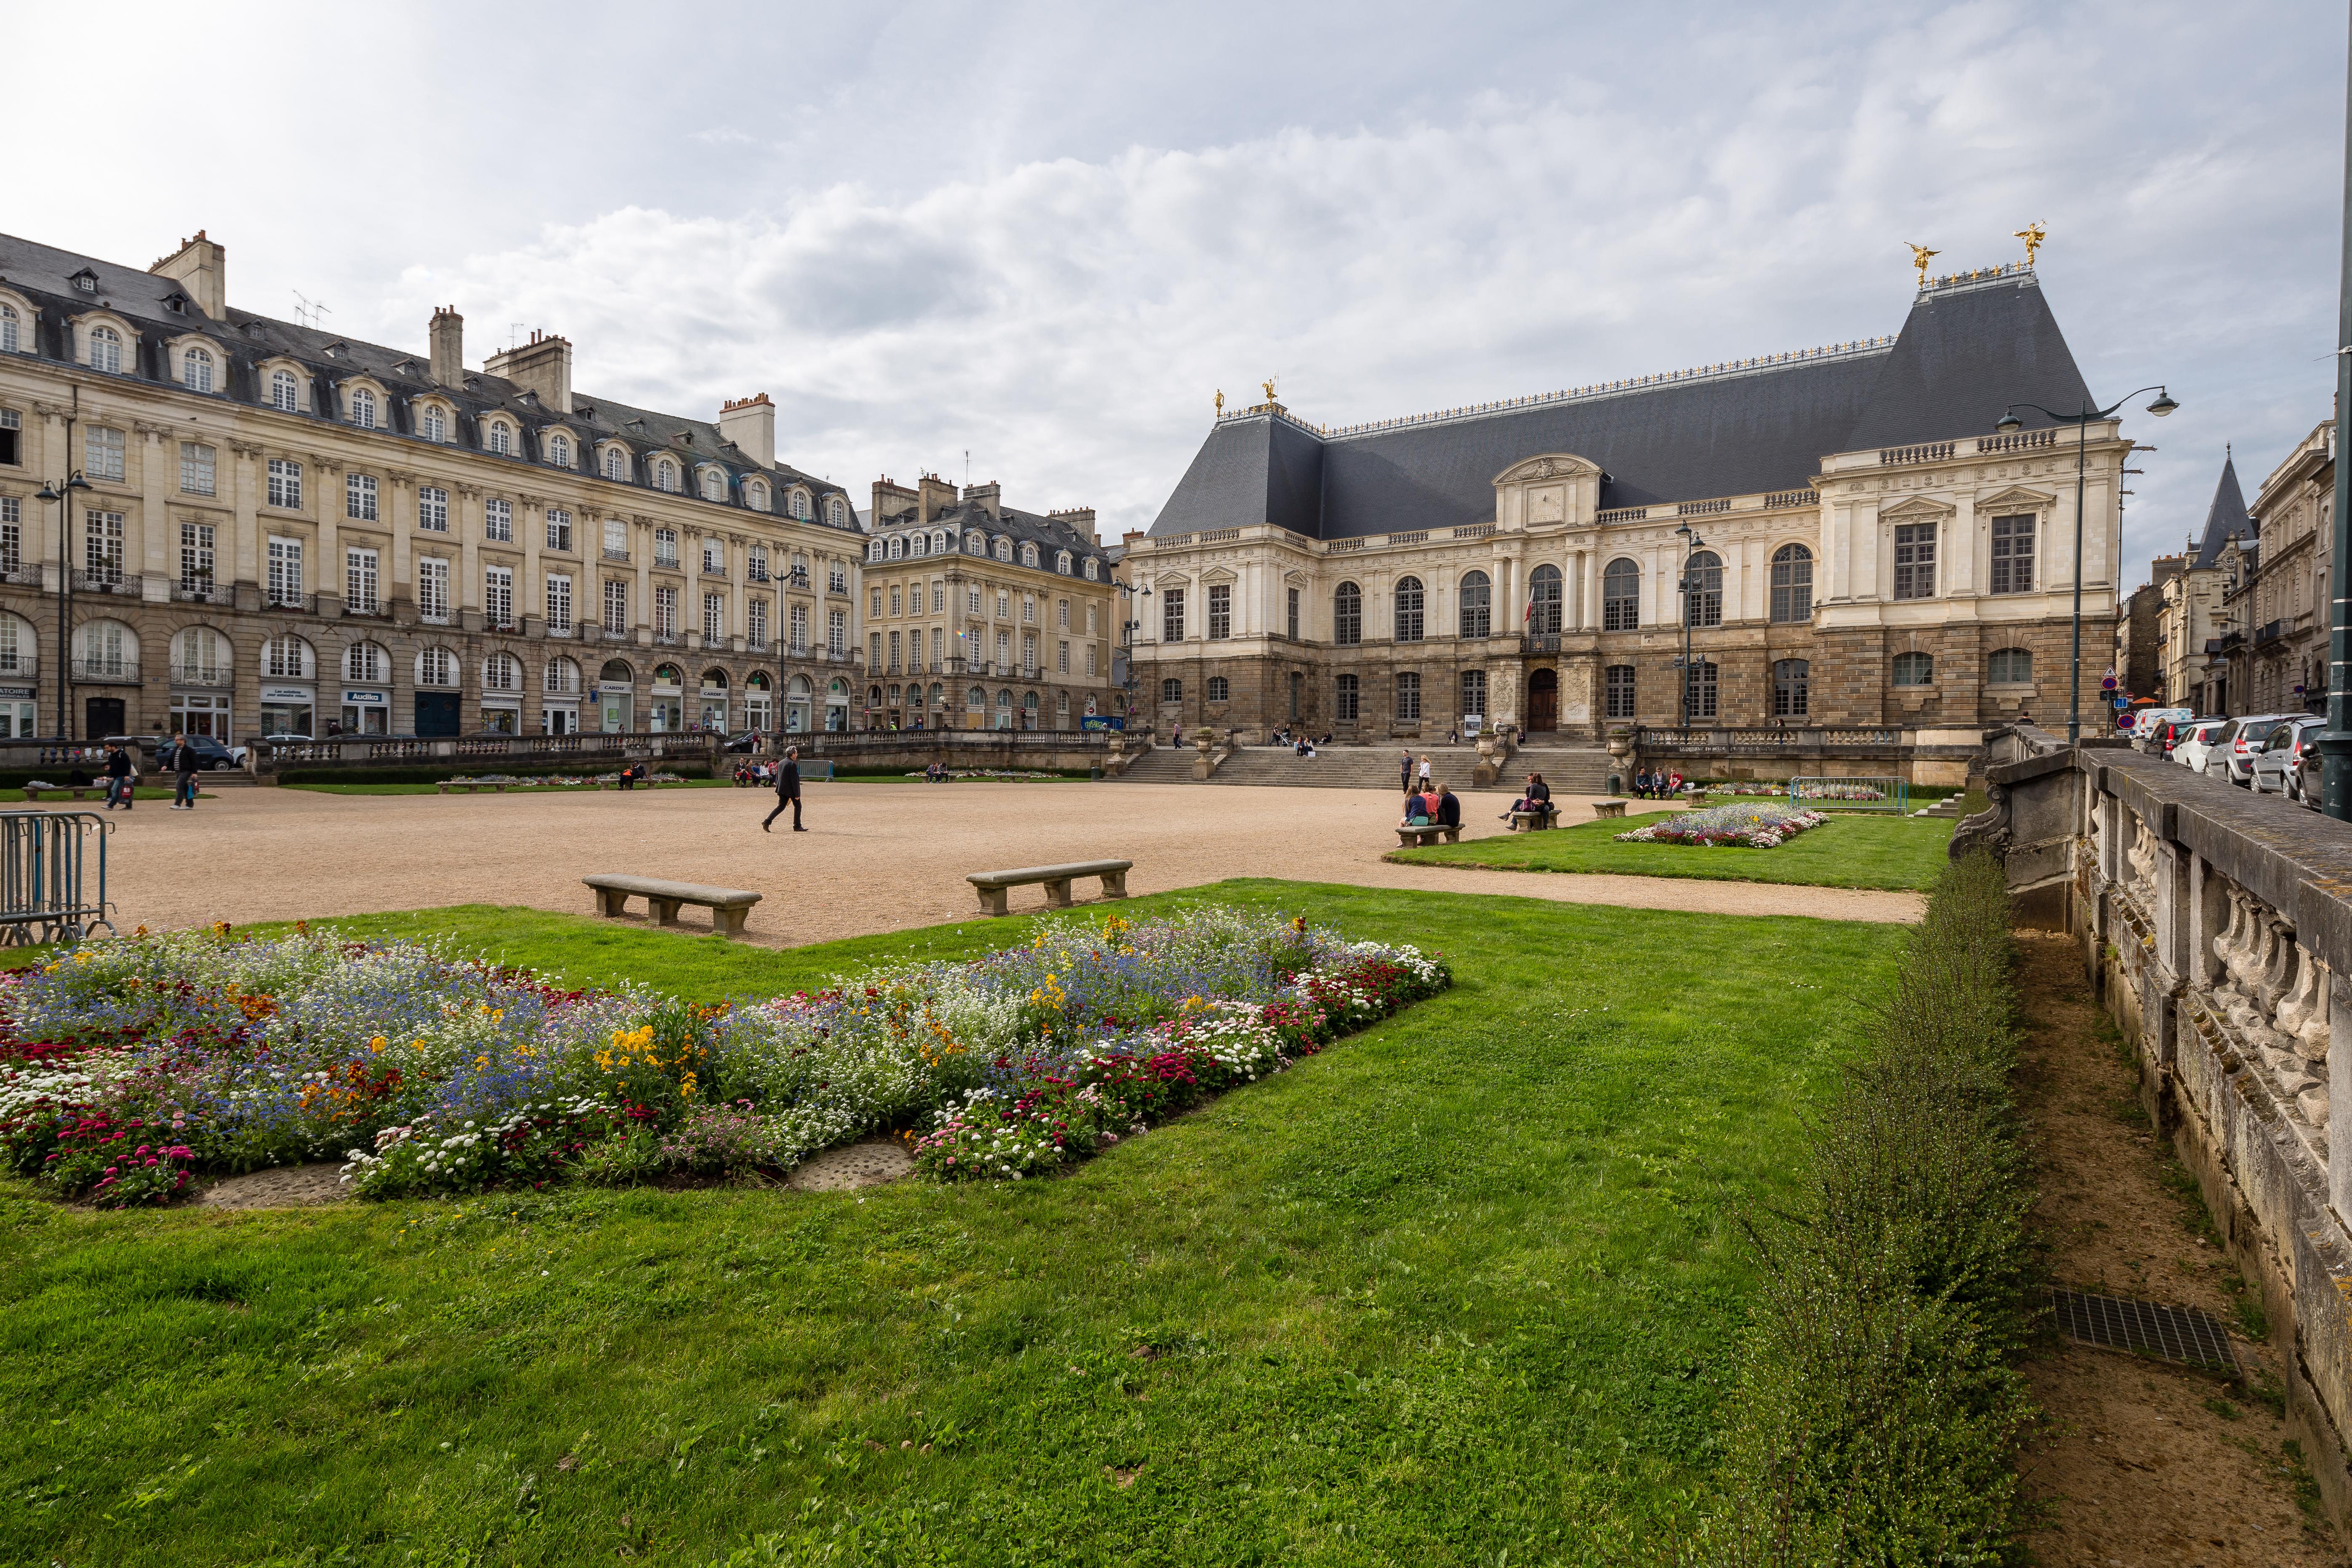 Vue sud-est de la place du parlement de Bretagne, Rennes, France